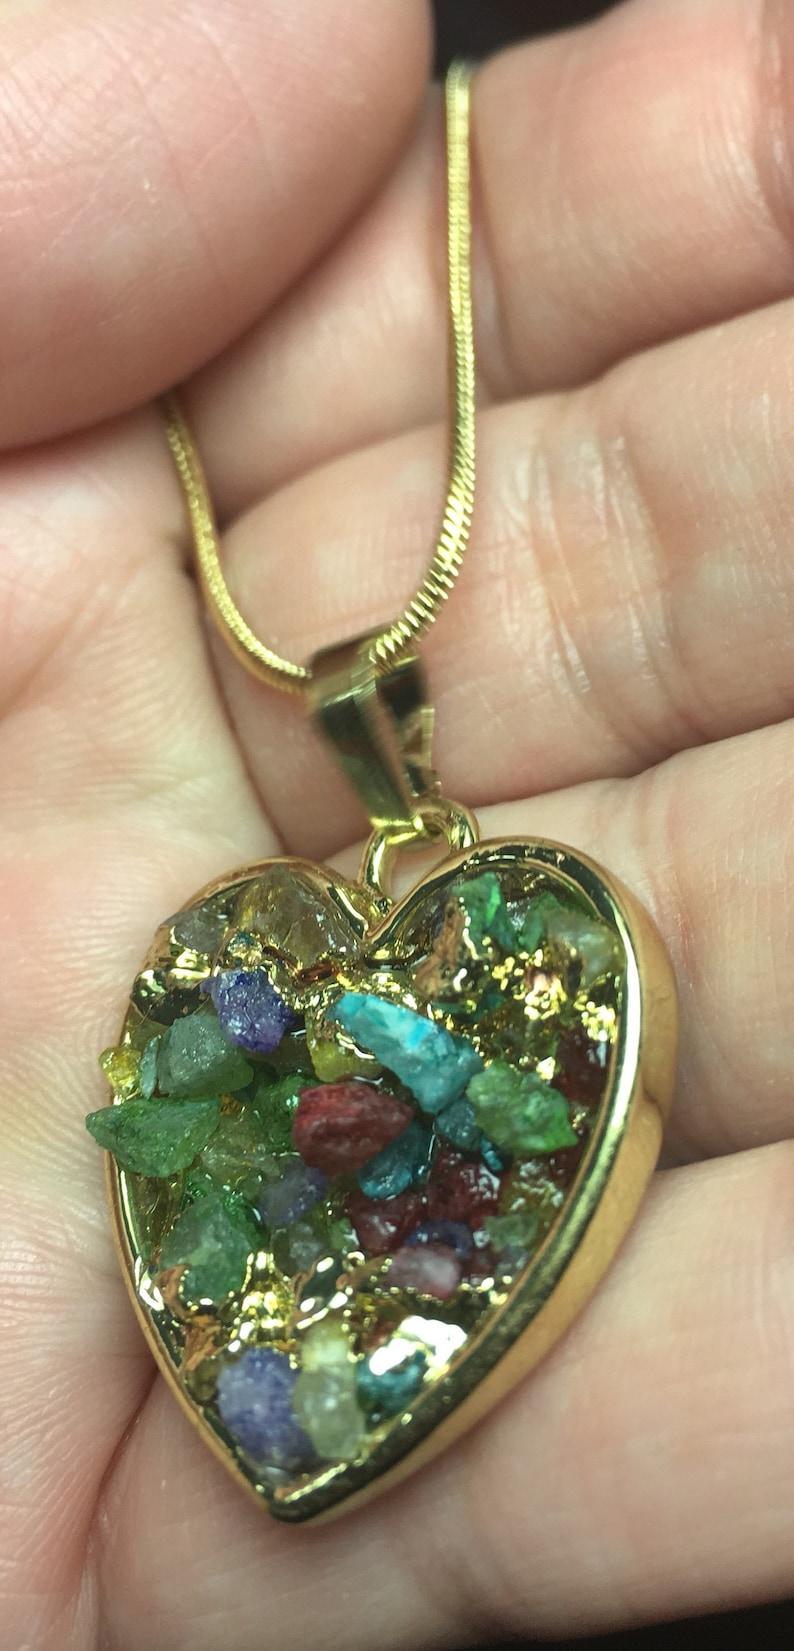 druzy multicolor crystals arrowhead pendant and necklace